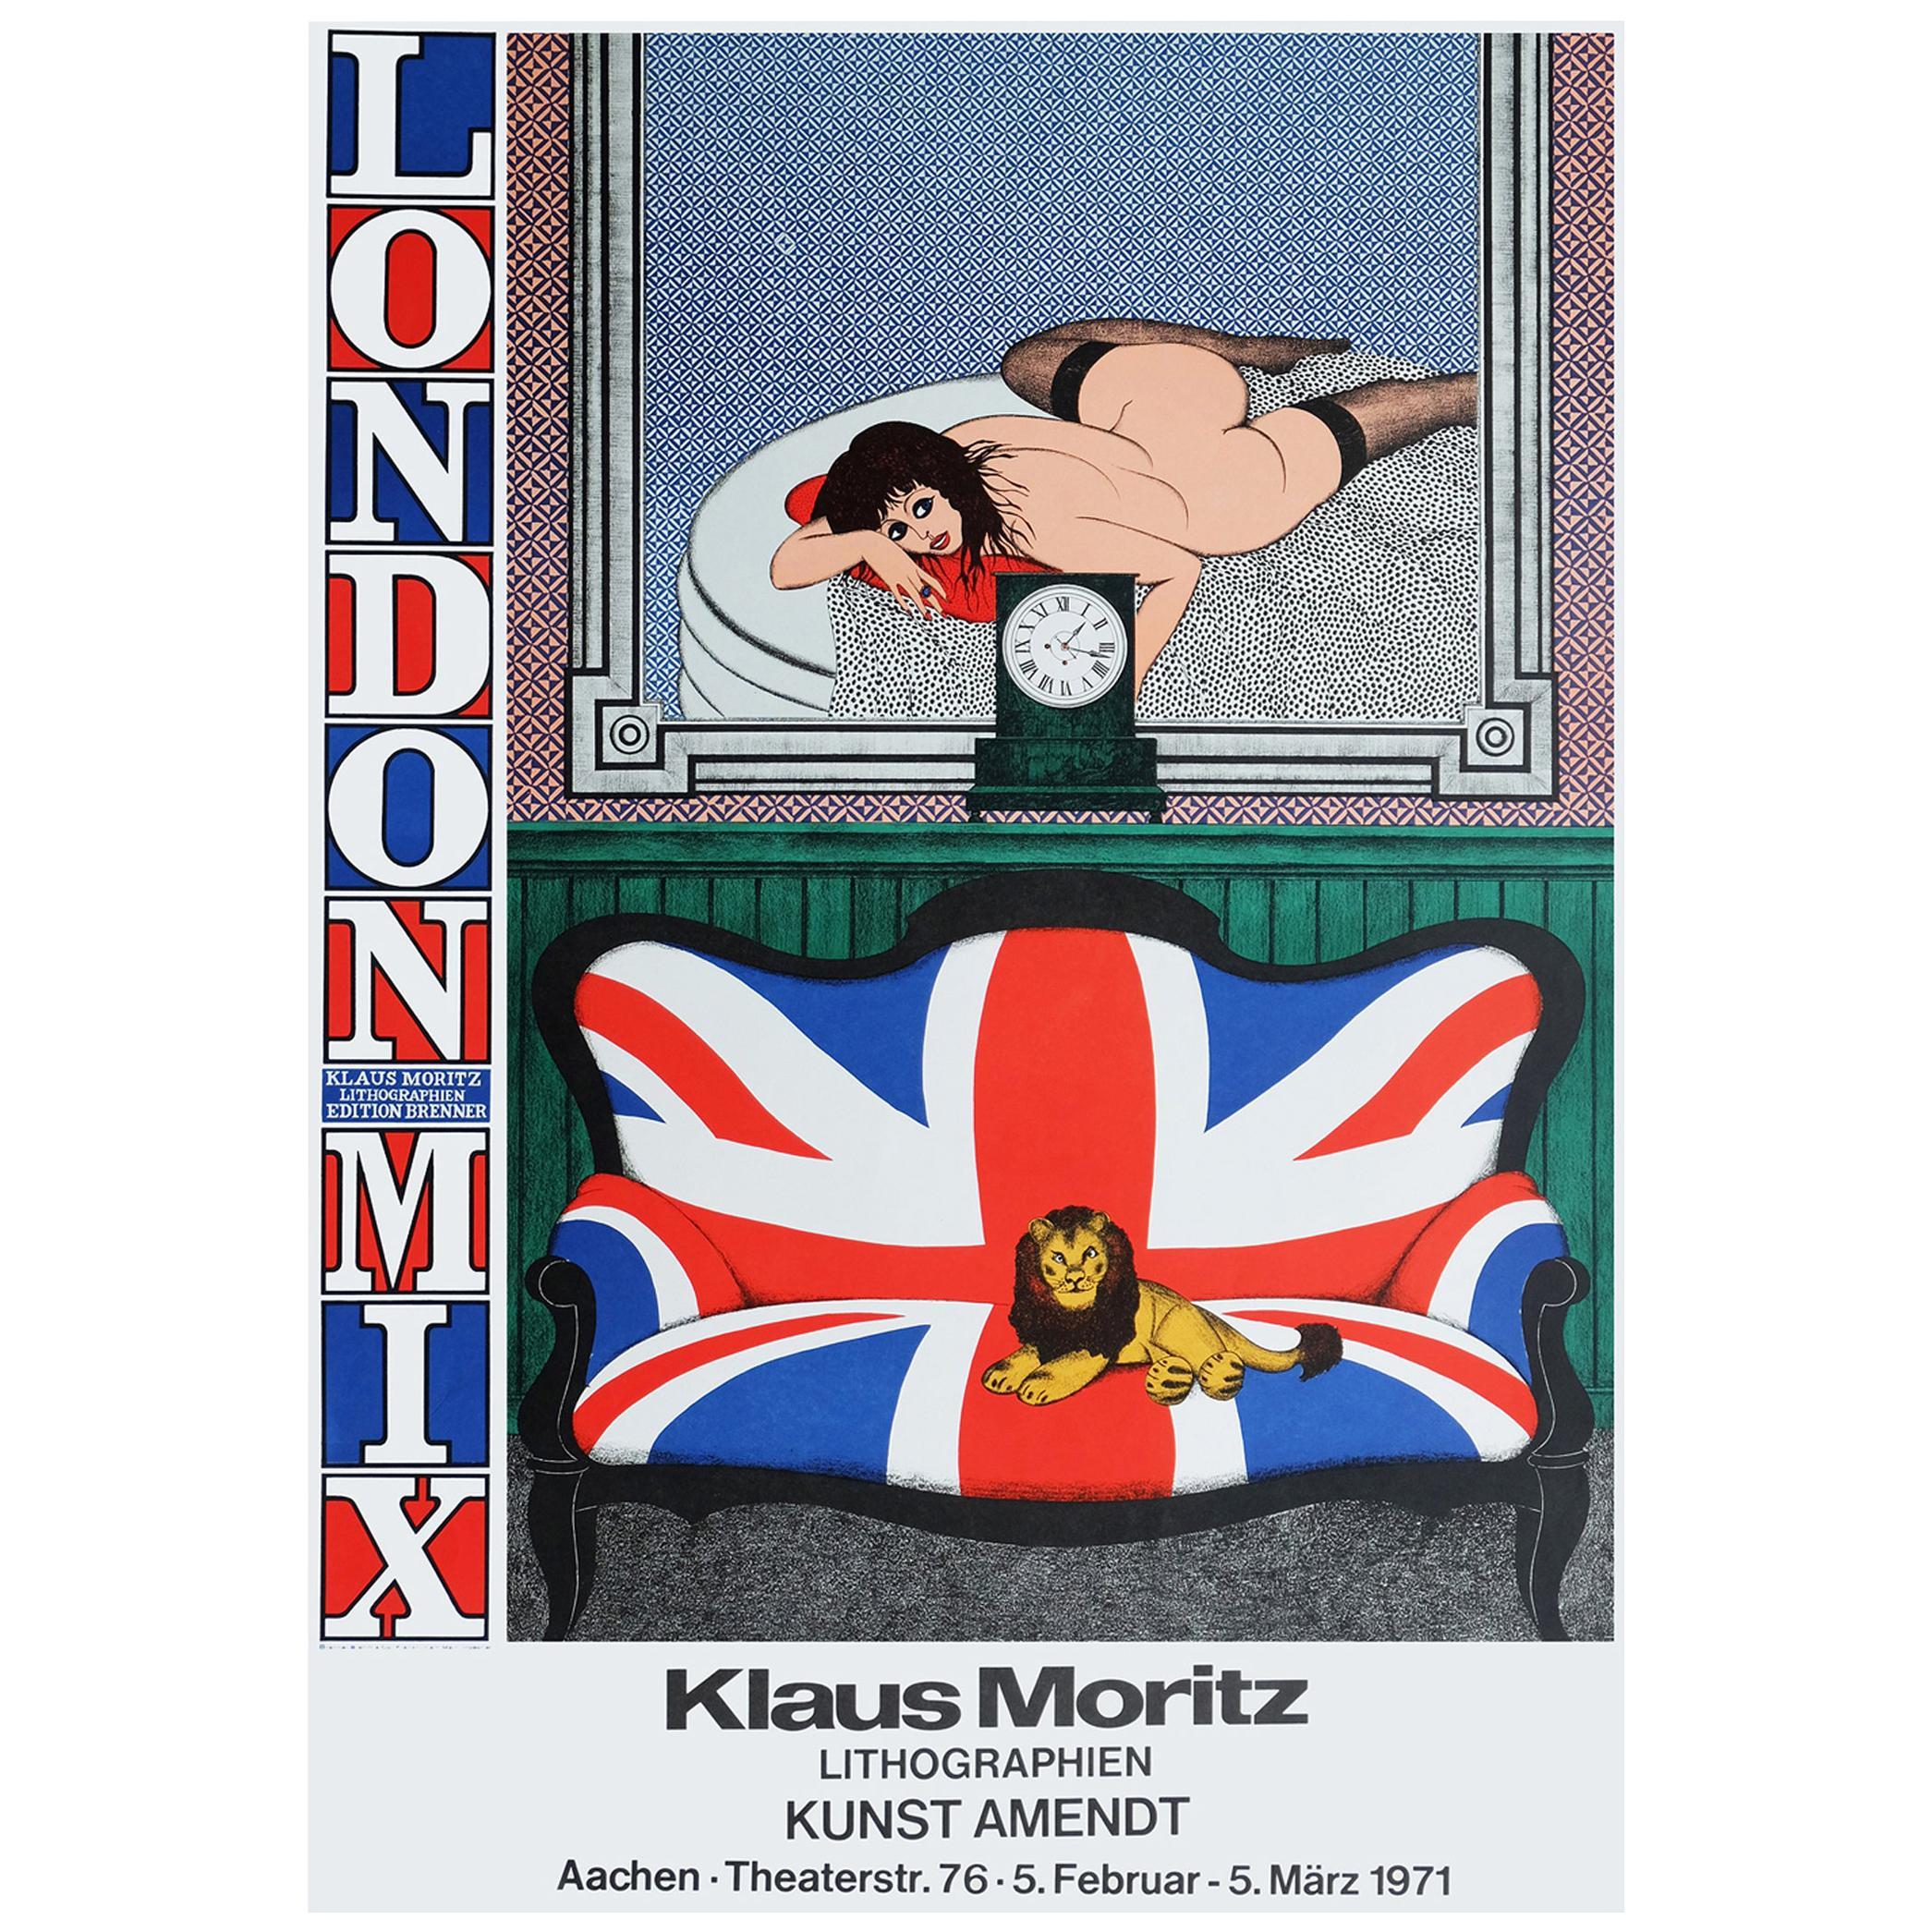 1970s Klaus Moritz London Mix Exhibition Poster Britain Pop Art